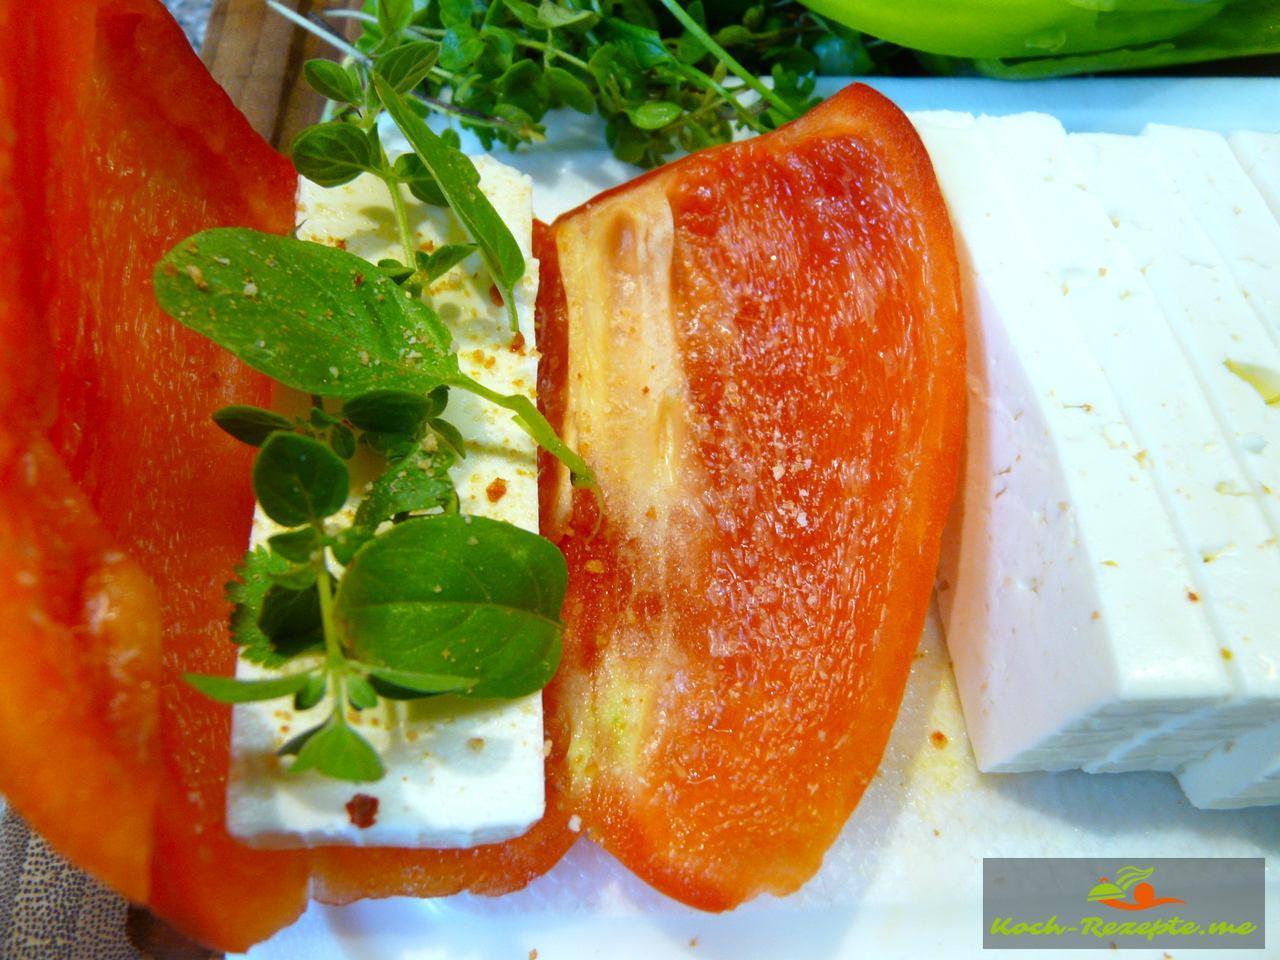 Paprika füllen mit Feta und Kräutern würzen mit Chilisalz